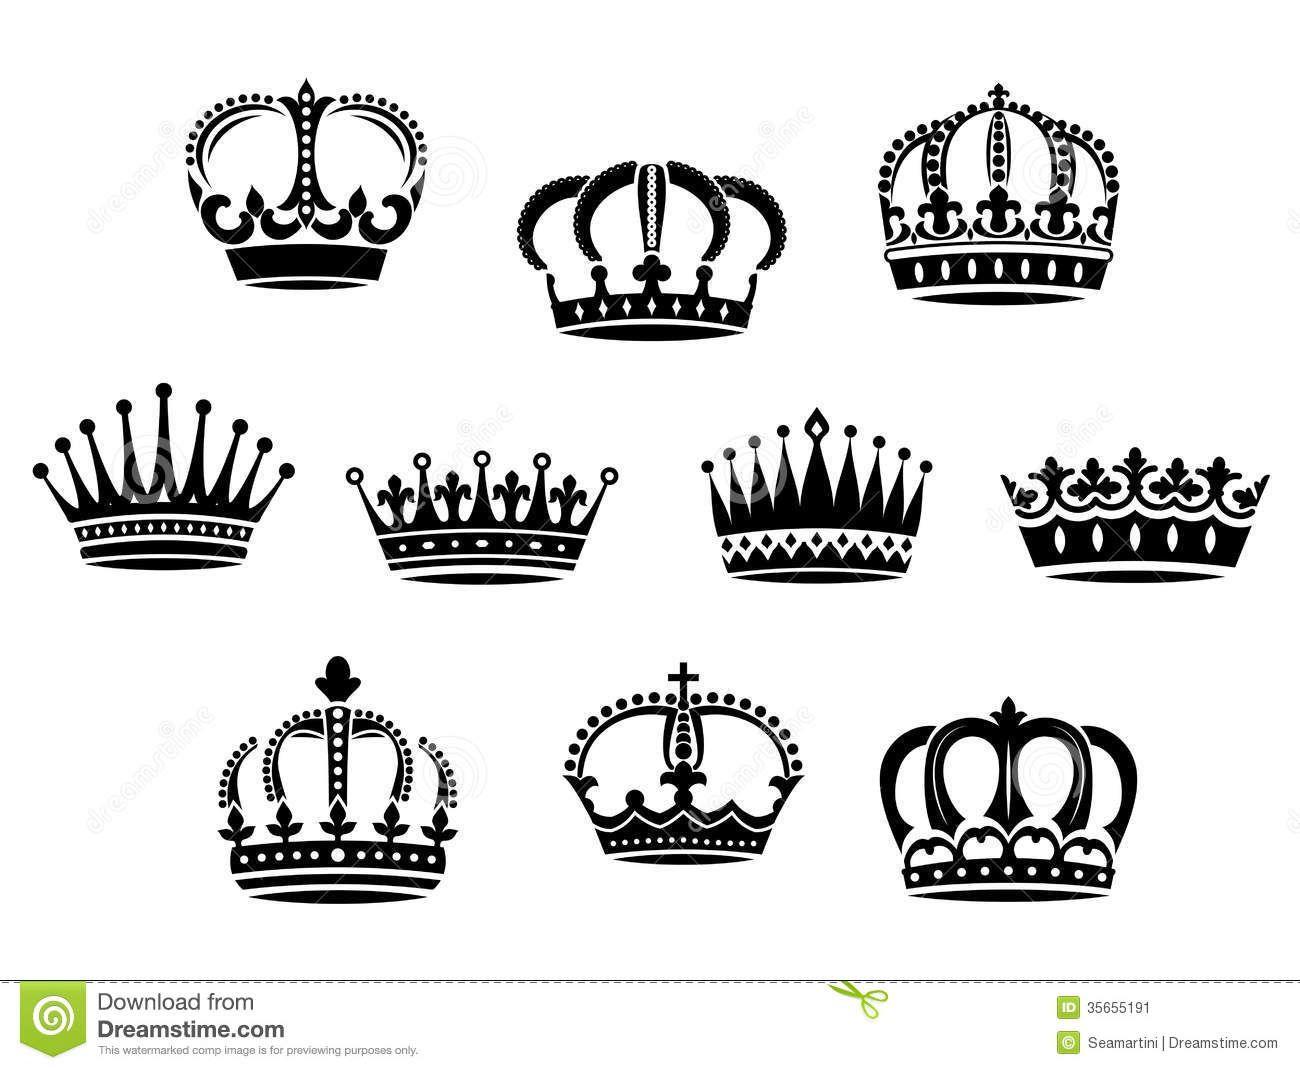 Medieval heraldic crowns.